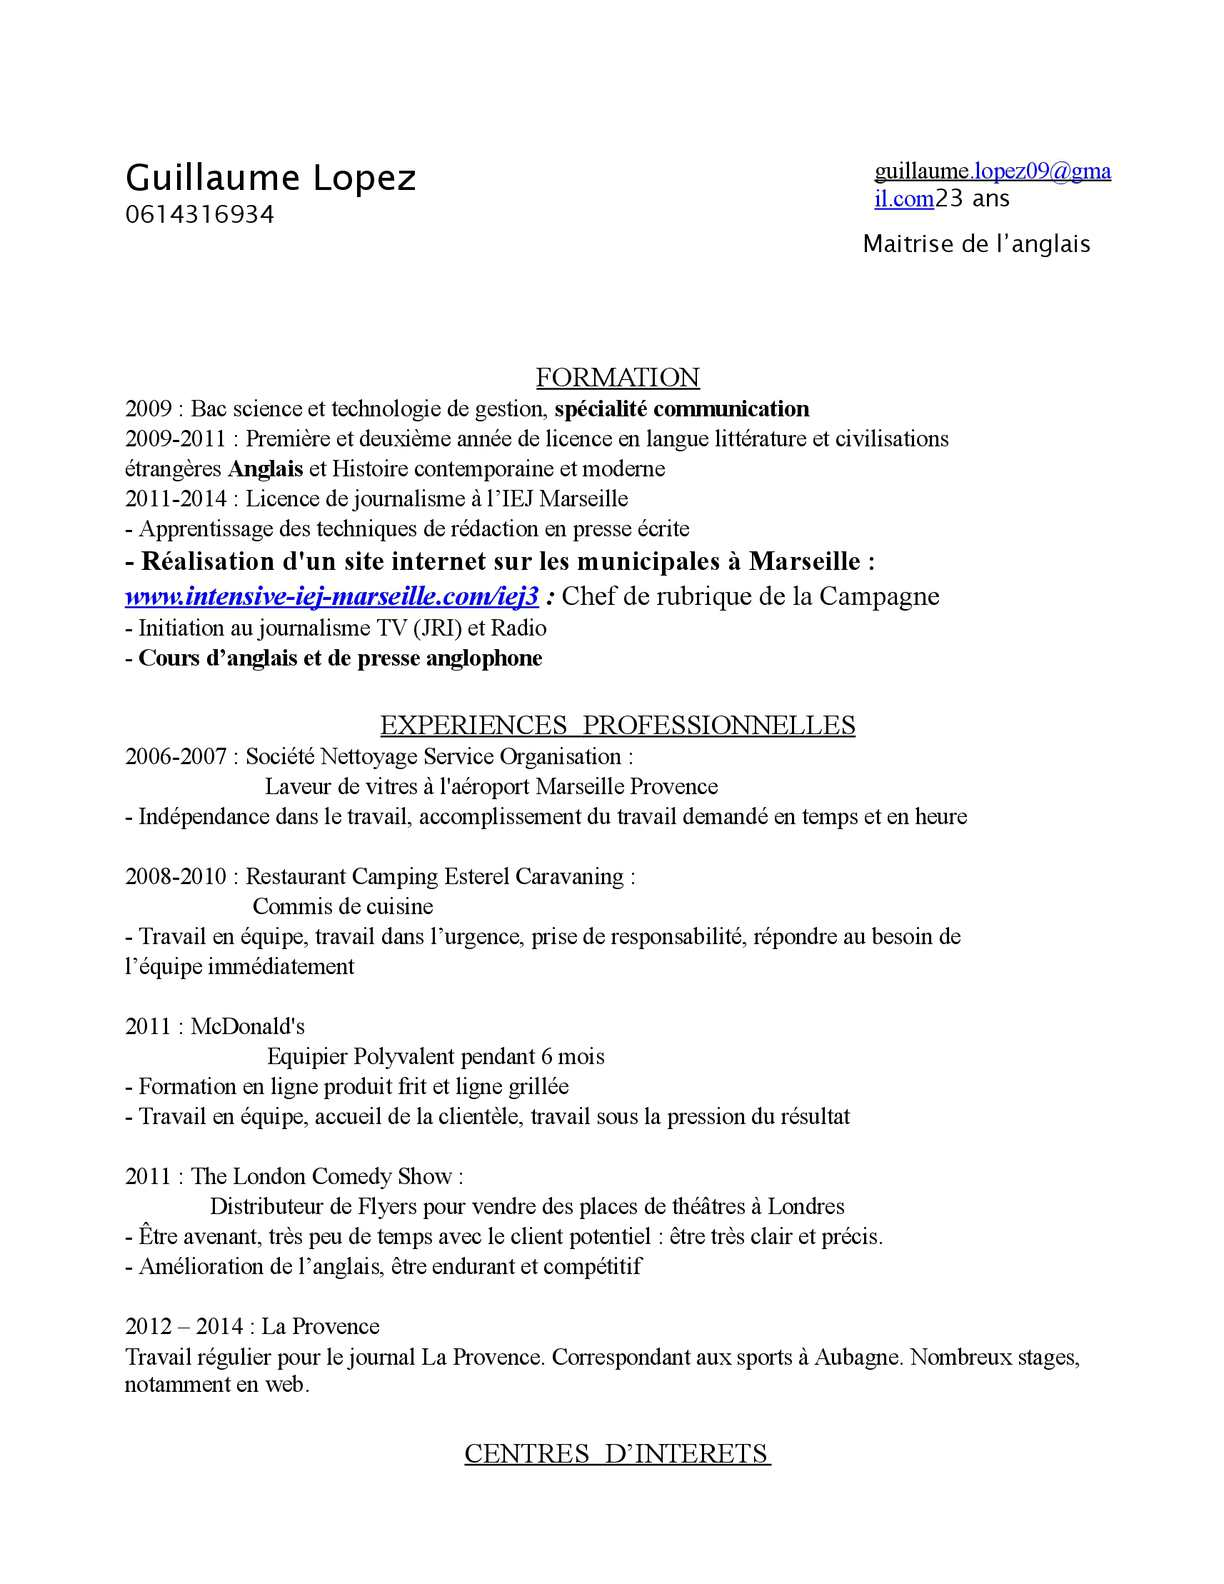 Calameo Cv Guillaume Lopez